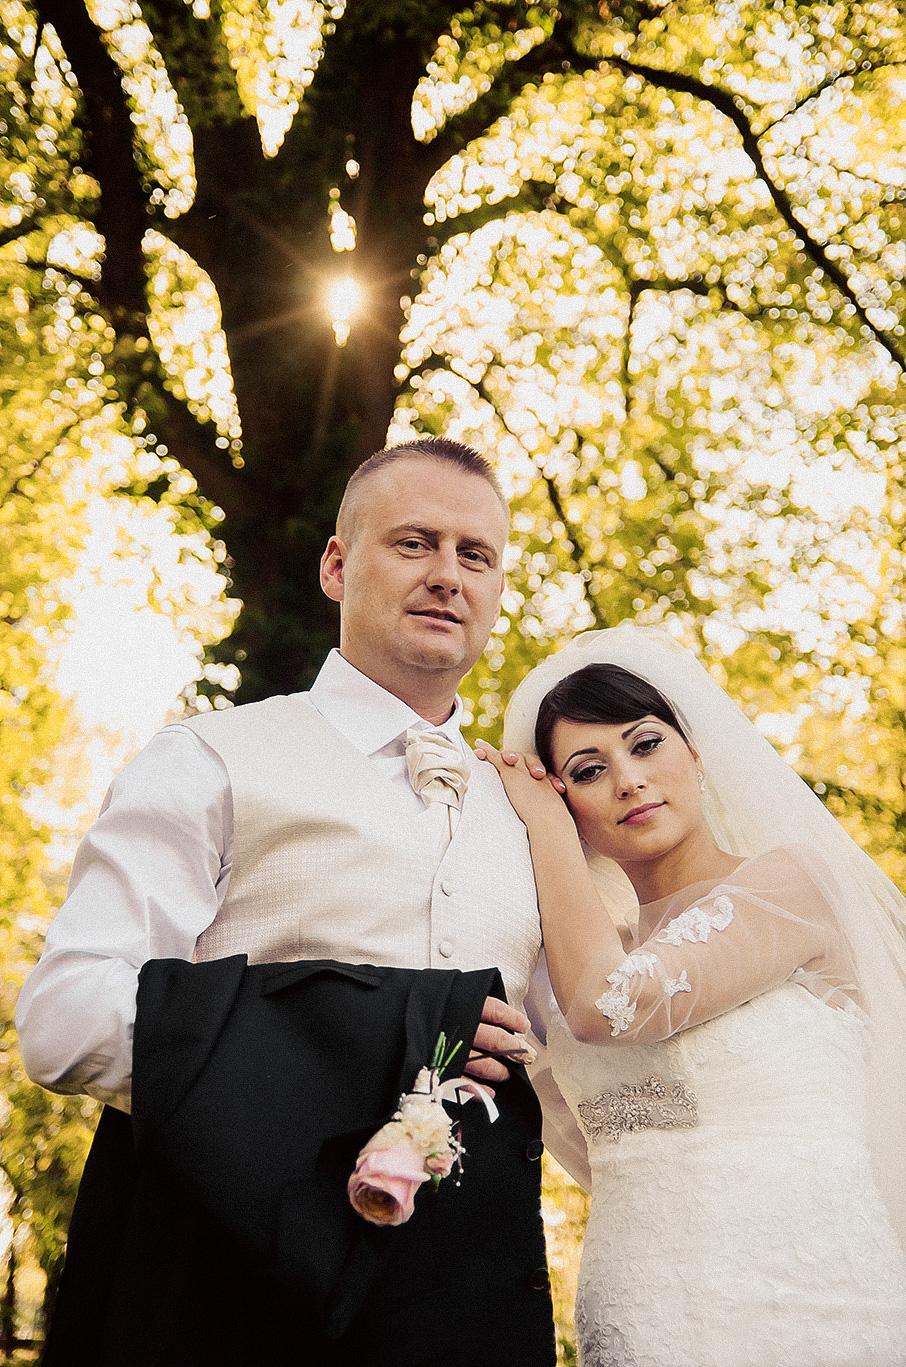 nevesta, ženích, oblek, šaty, závoj, láska, príroda, love, wedding dress, Bratislava, Trenčín, Žilina, Liptov, fotograf, kameraman, svadobné video, západ slnka, sunset, romantika